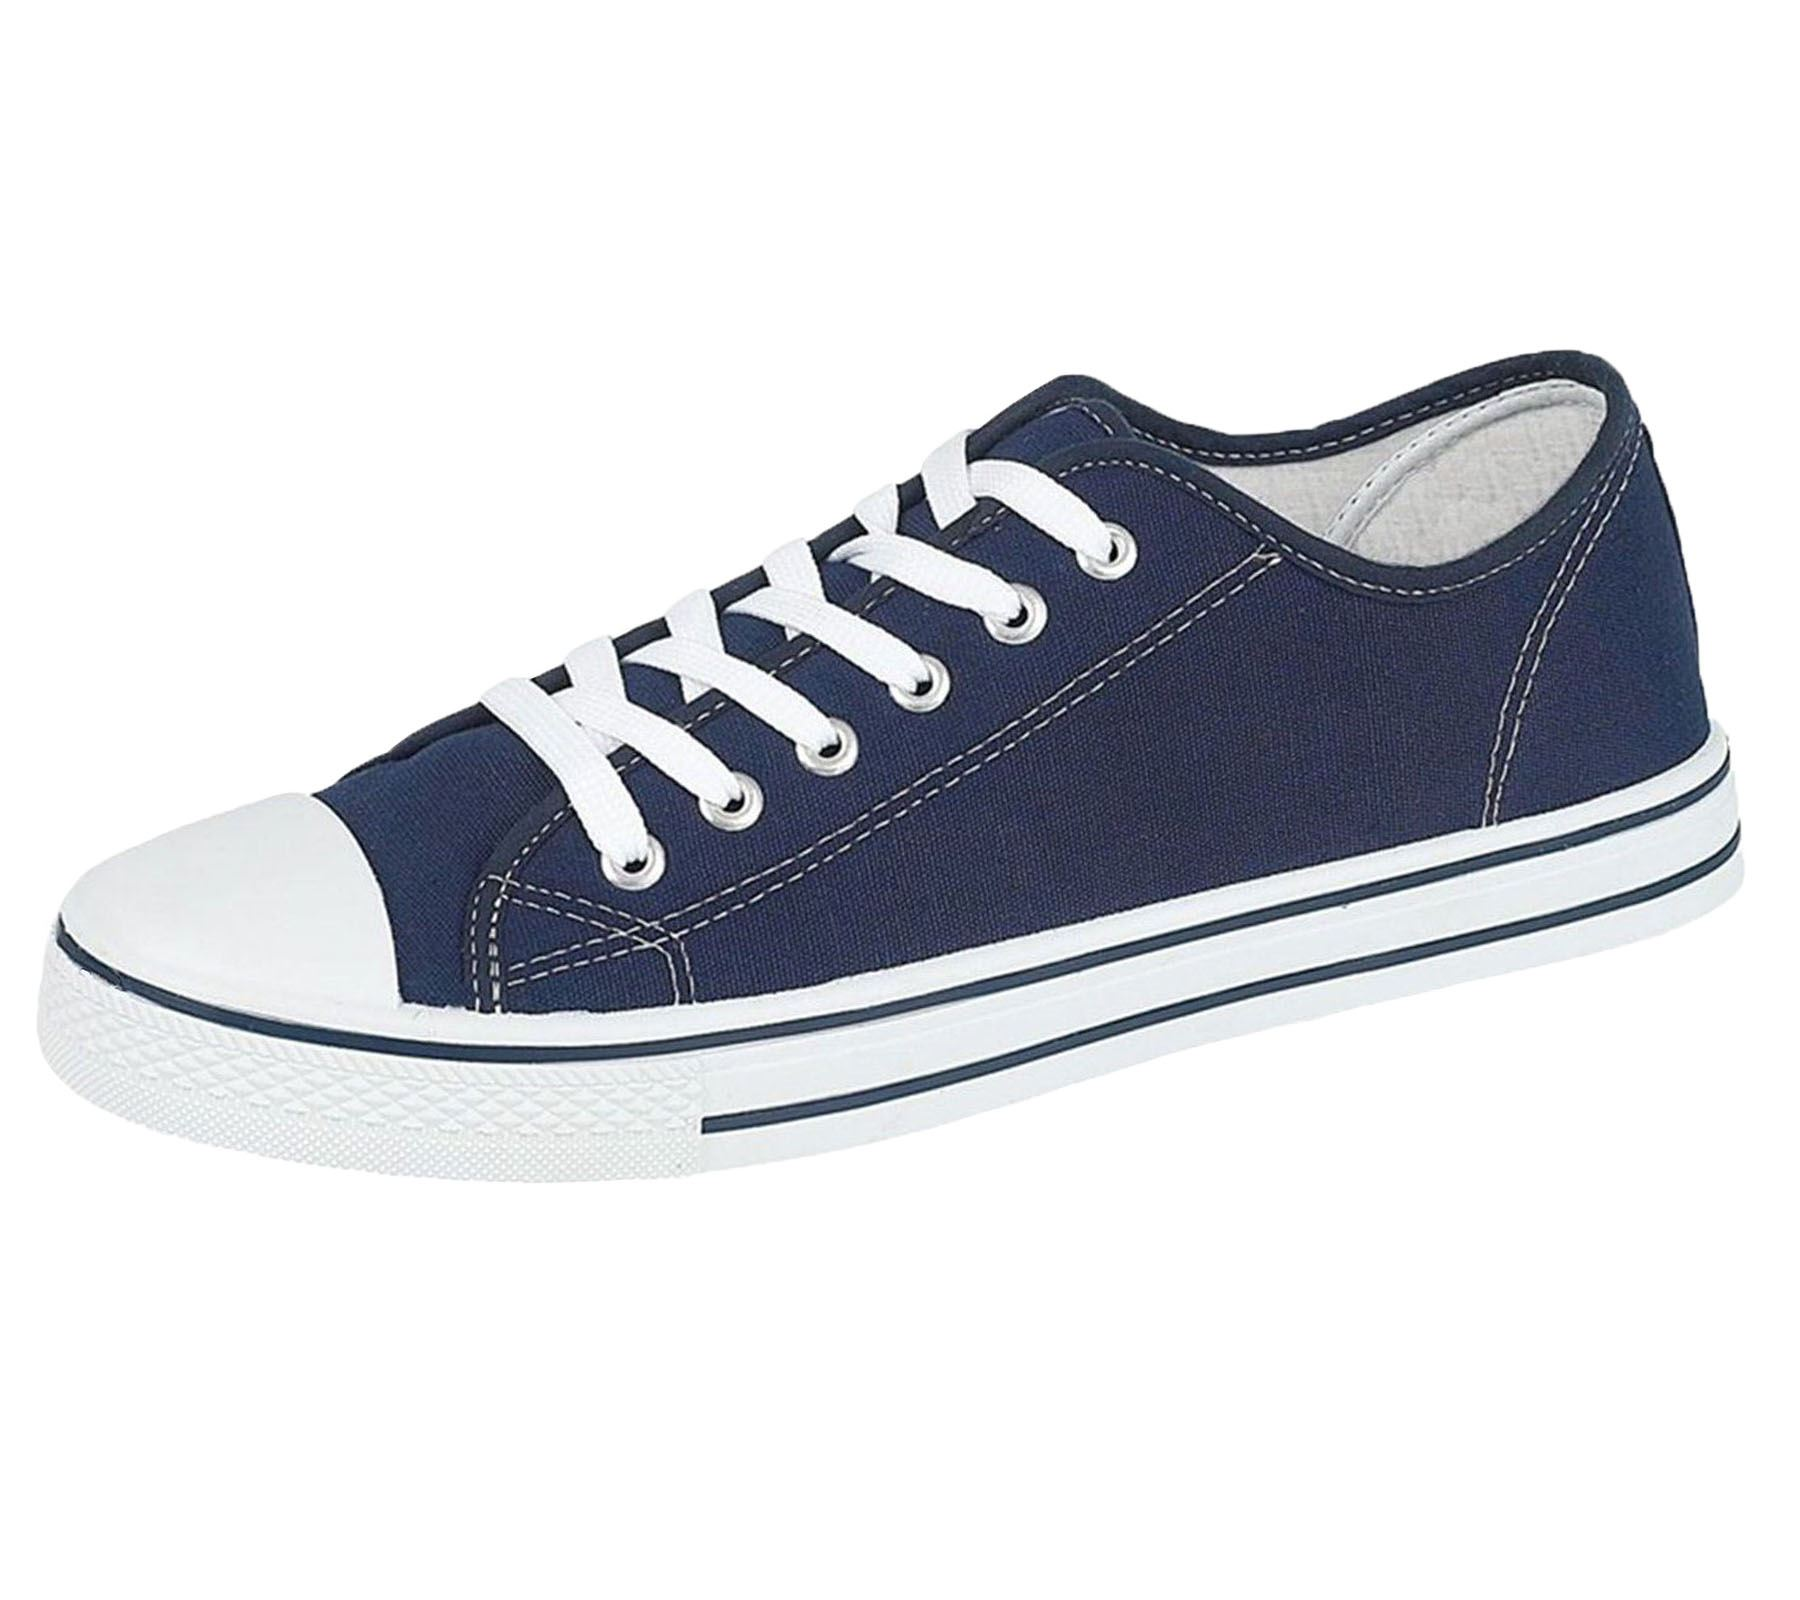 Mens-Canvas-Shoes-Plimsole-Trainer-Pumps-Lace-Up-Flat-Shoes thumbnail 21